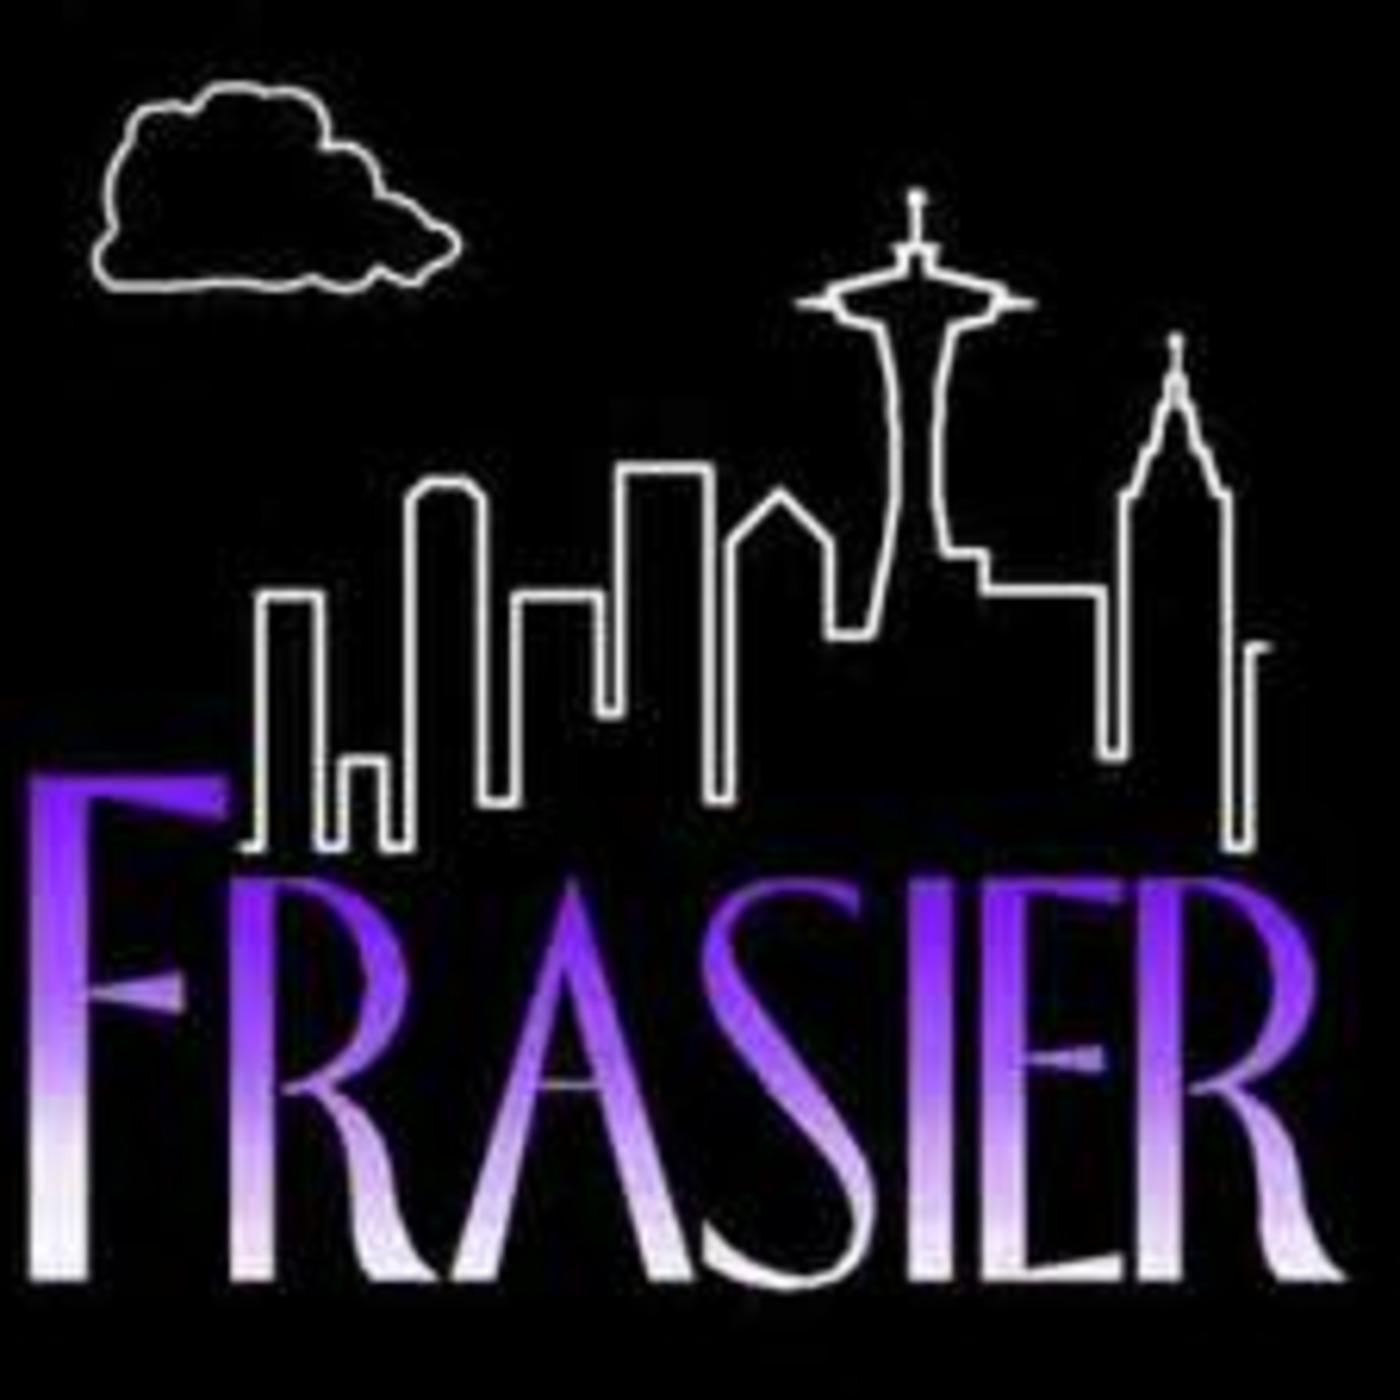 Frascast